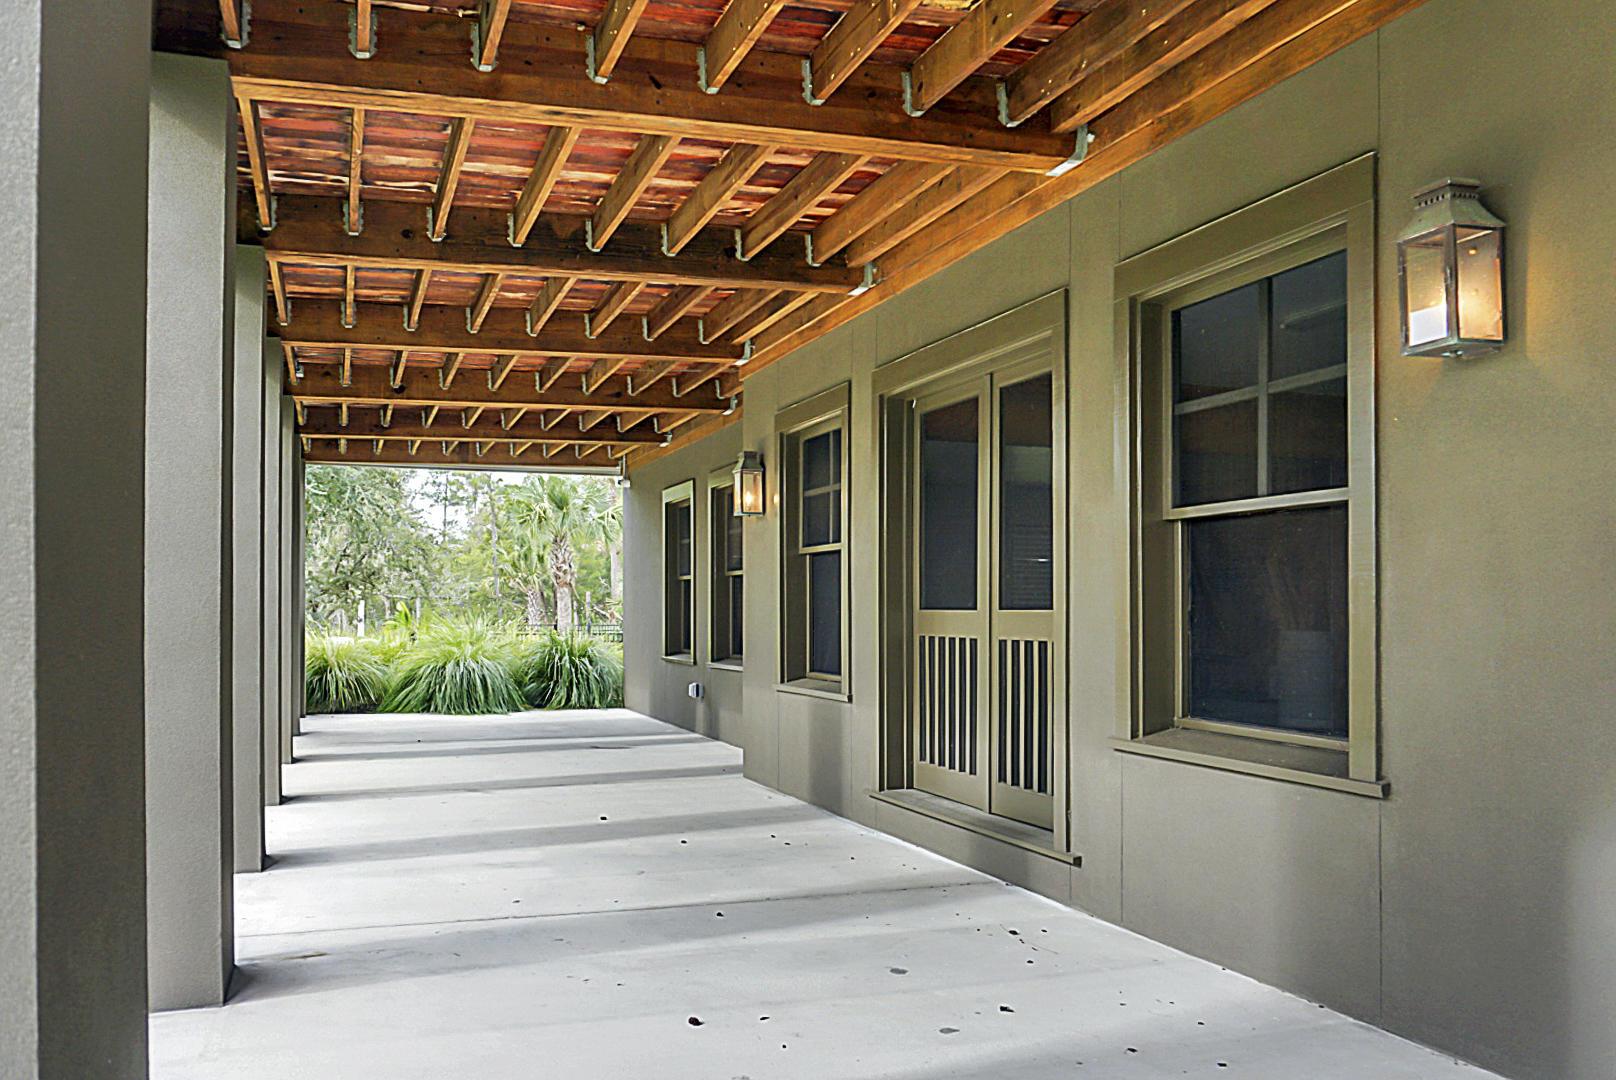 Dunes West Homes For Sale - 2978 River Vista, Mount Pleasant, SC - 28